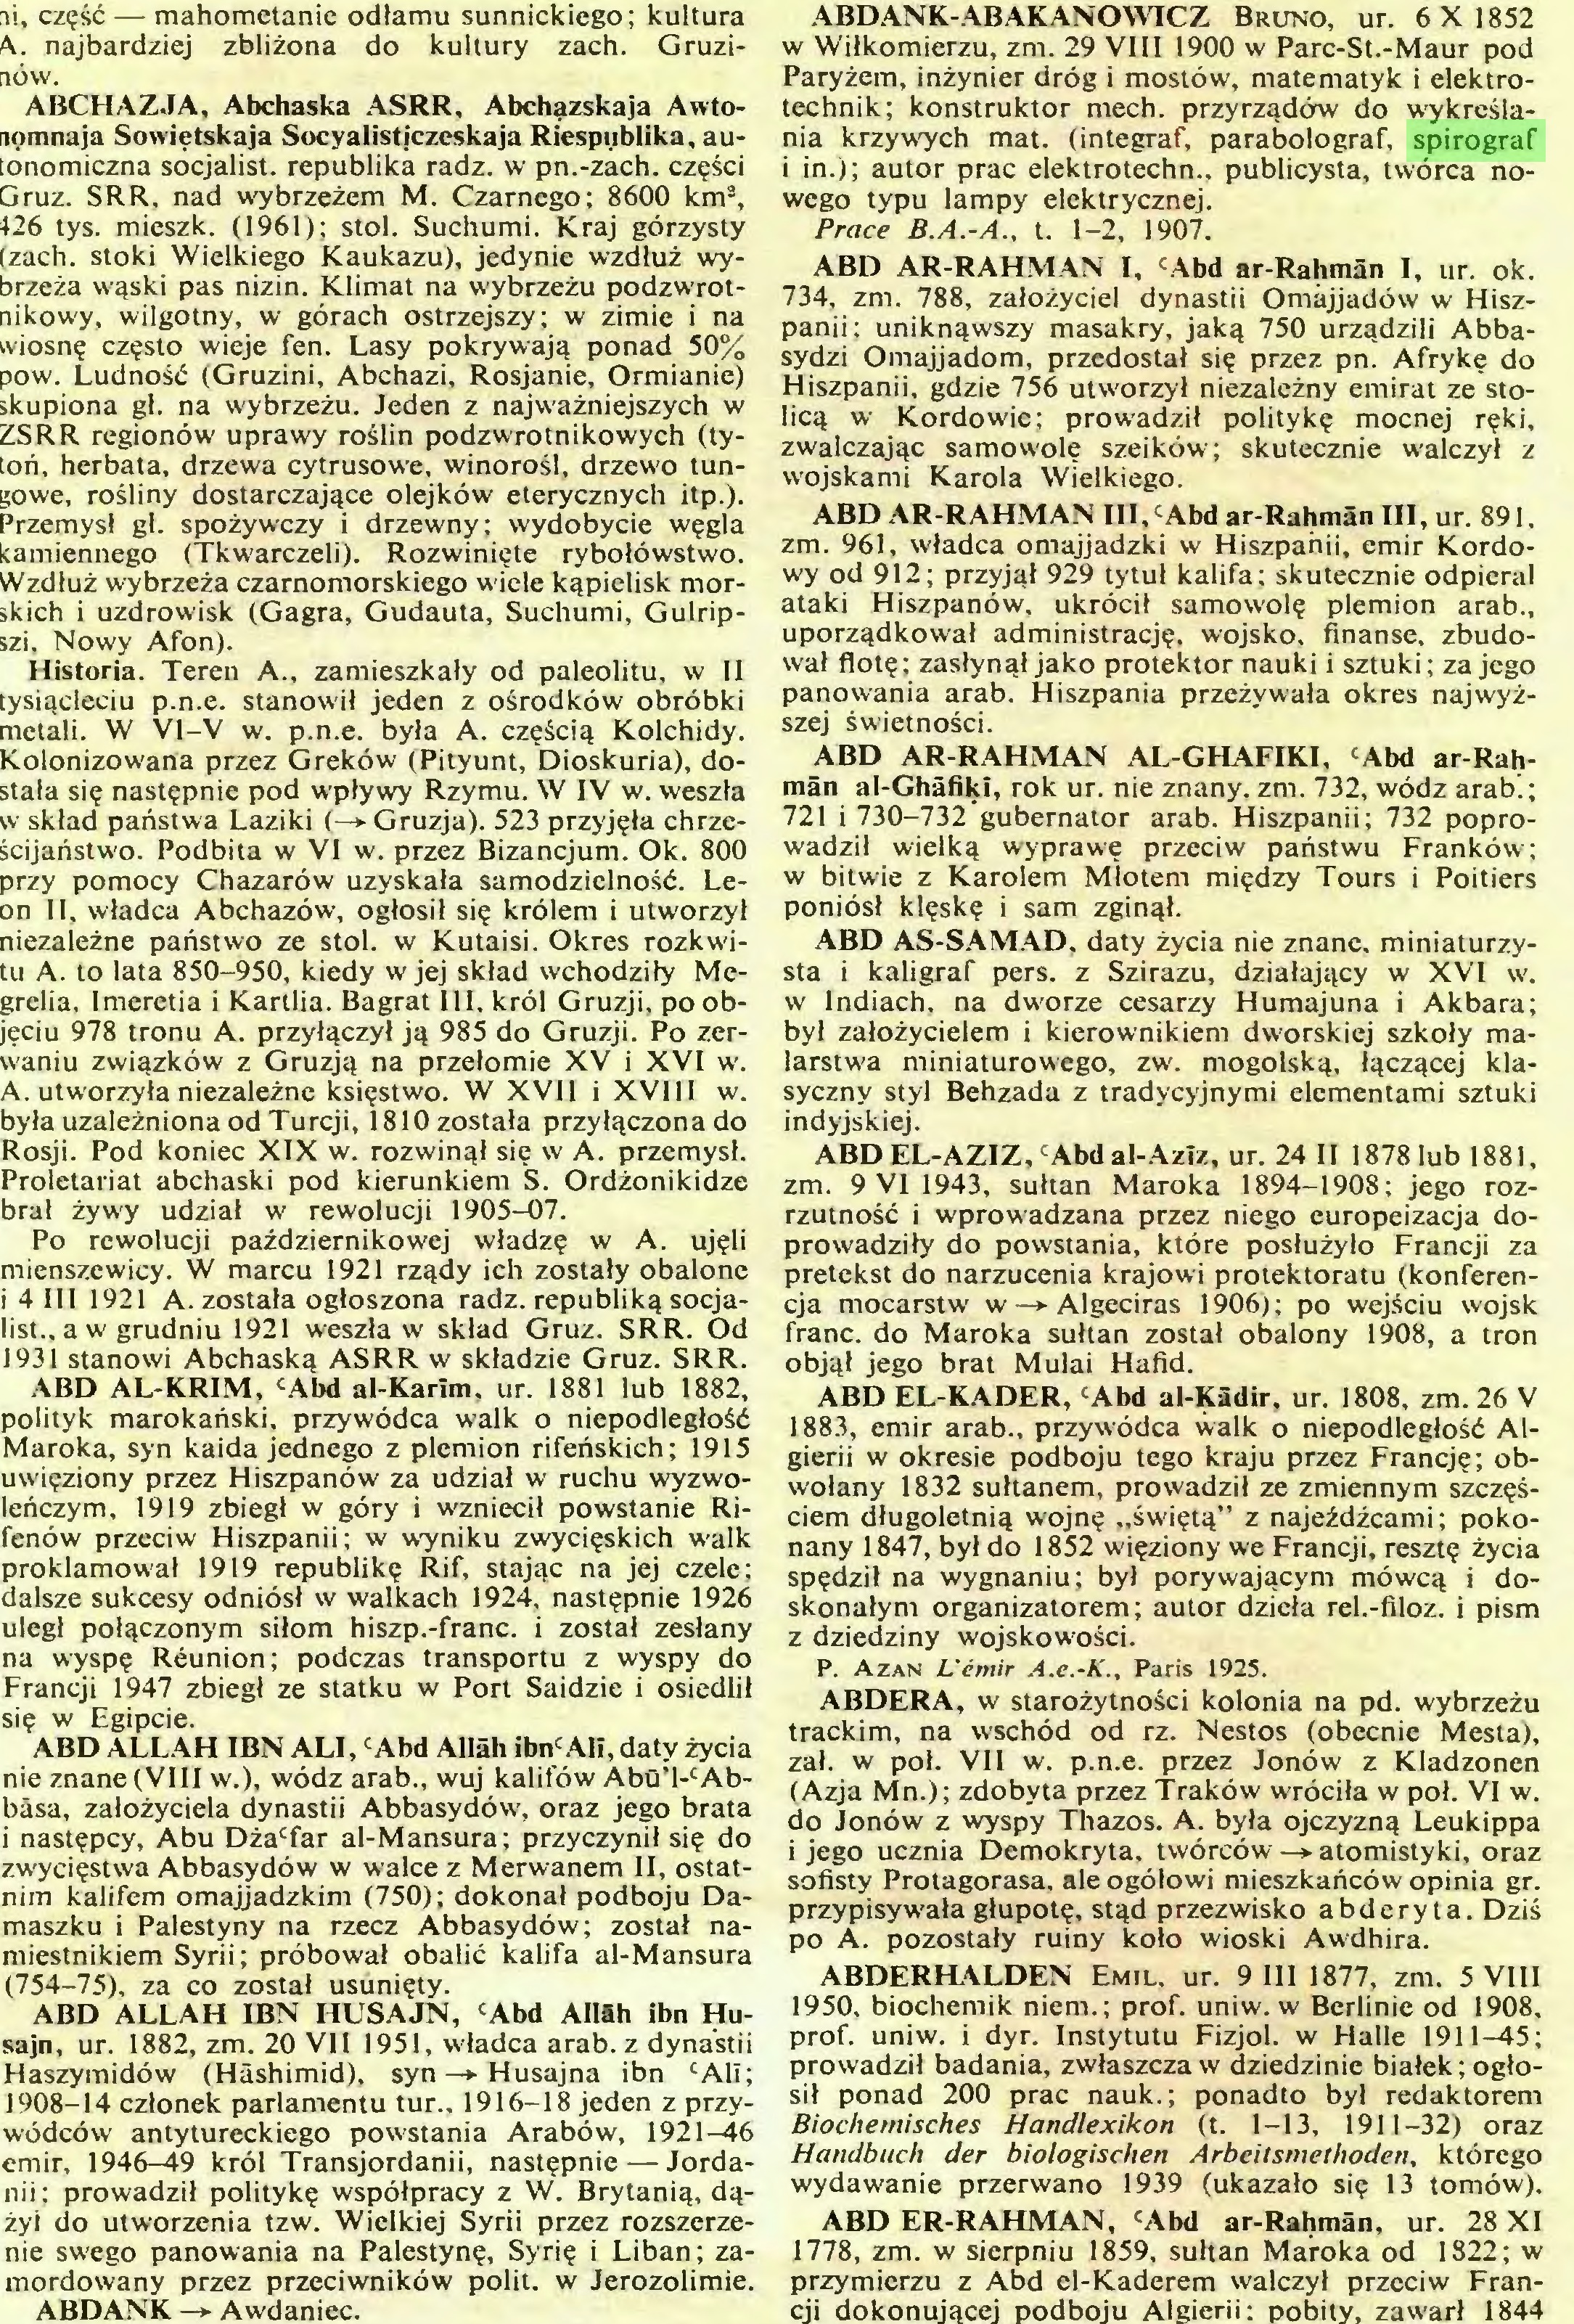 (...) ABDANK —»• Awdaniec. ABDANK-ABAKANOWICZ Bruno, ur. 6X1852 w Wiłkomierzu, zm. 29 VIII 1900 w Parc-St.-Maur pod Paryżem, inżynier dróg i mostów, matematyk i elektrotechnik; konstruktor mech. przyrządów do wykreślania krzywych mat. (intégrai, parabolograf, spirograf i in.); autor prac elektrotechn., publicysta, twórca nowego typu lampy elektrycznej...